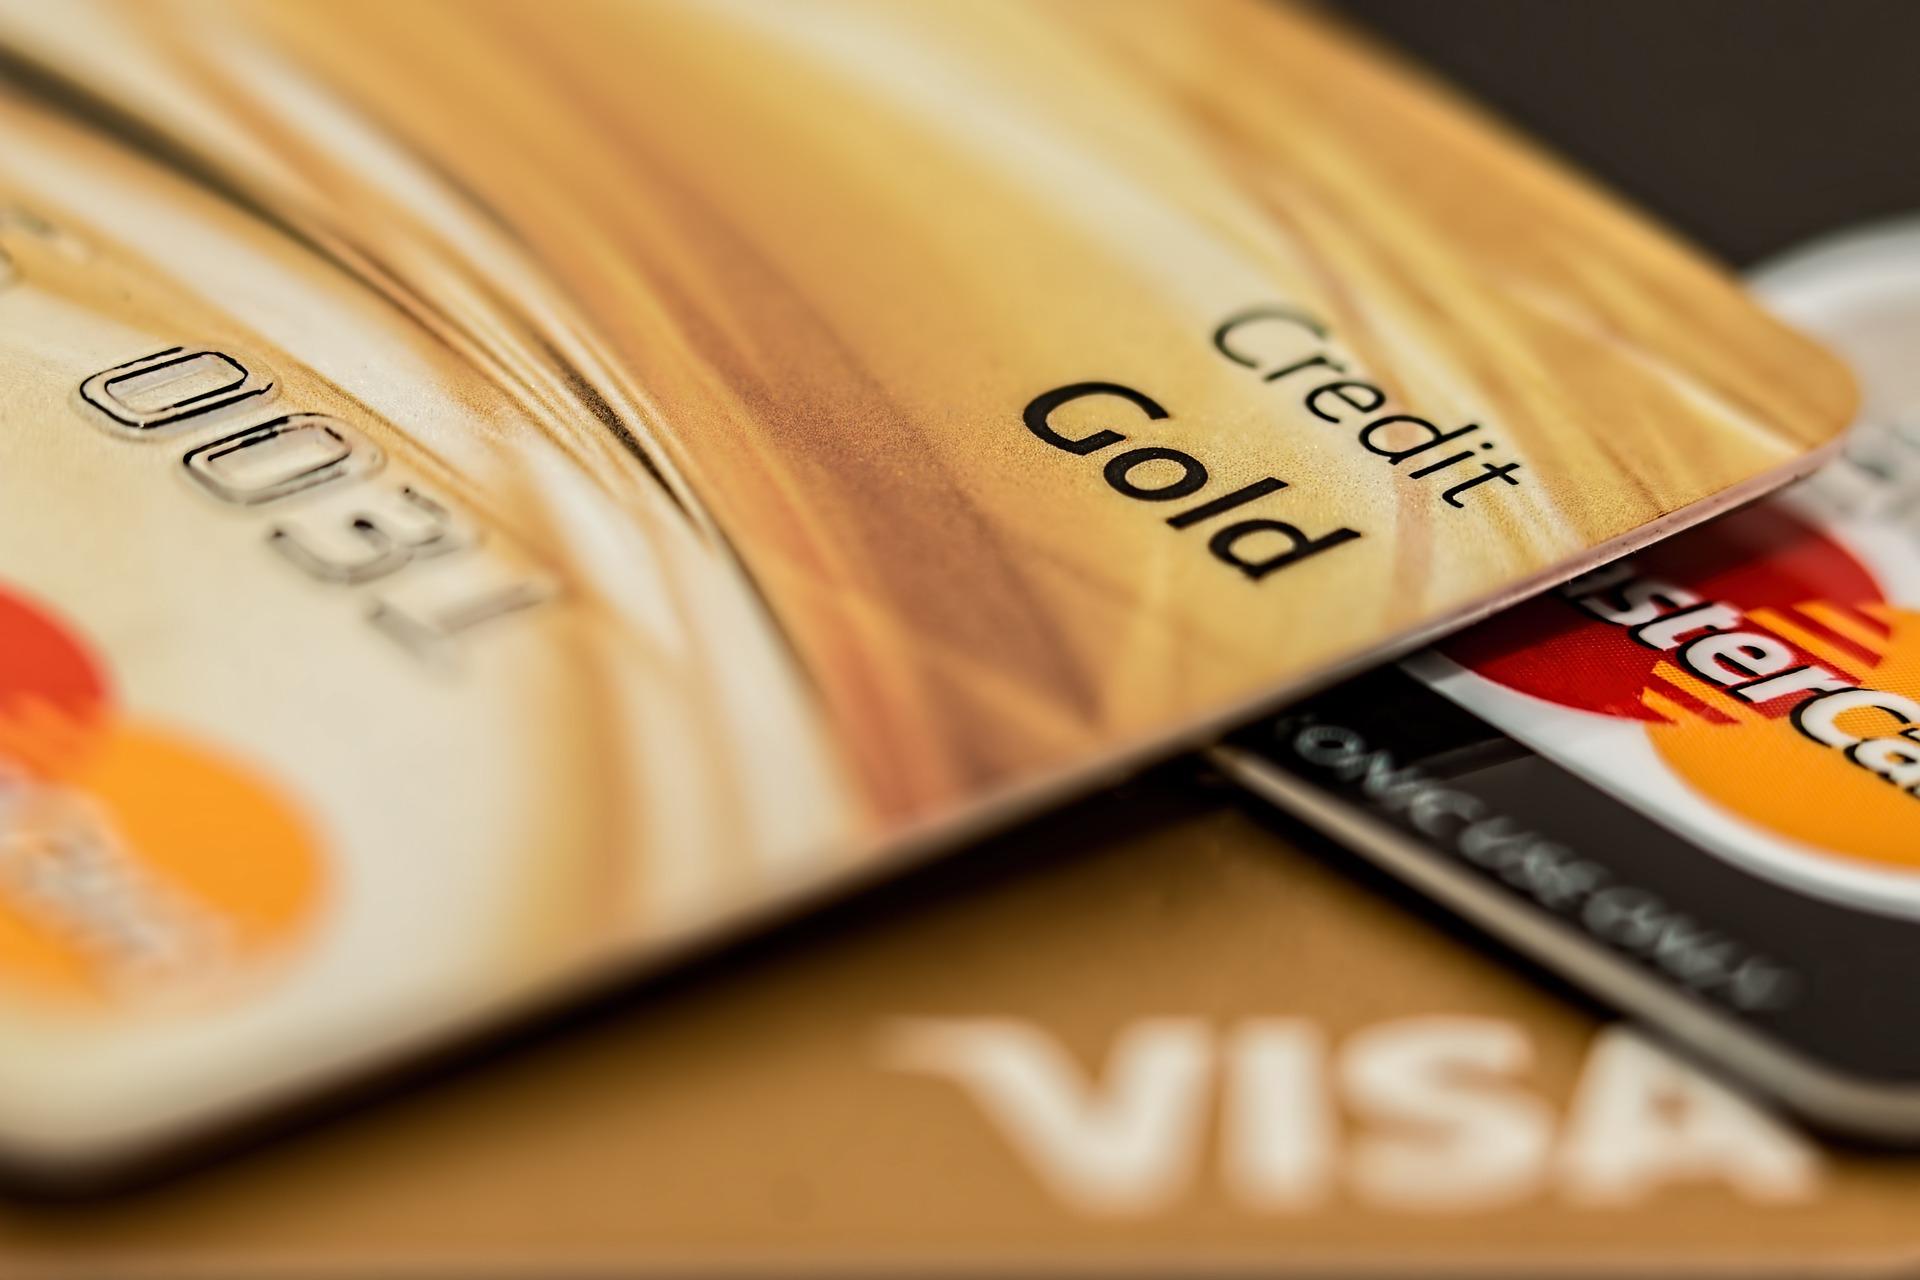 JAL・ANAマイルが効率的に貯まる!おすすめクレジットカード8選